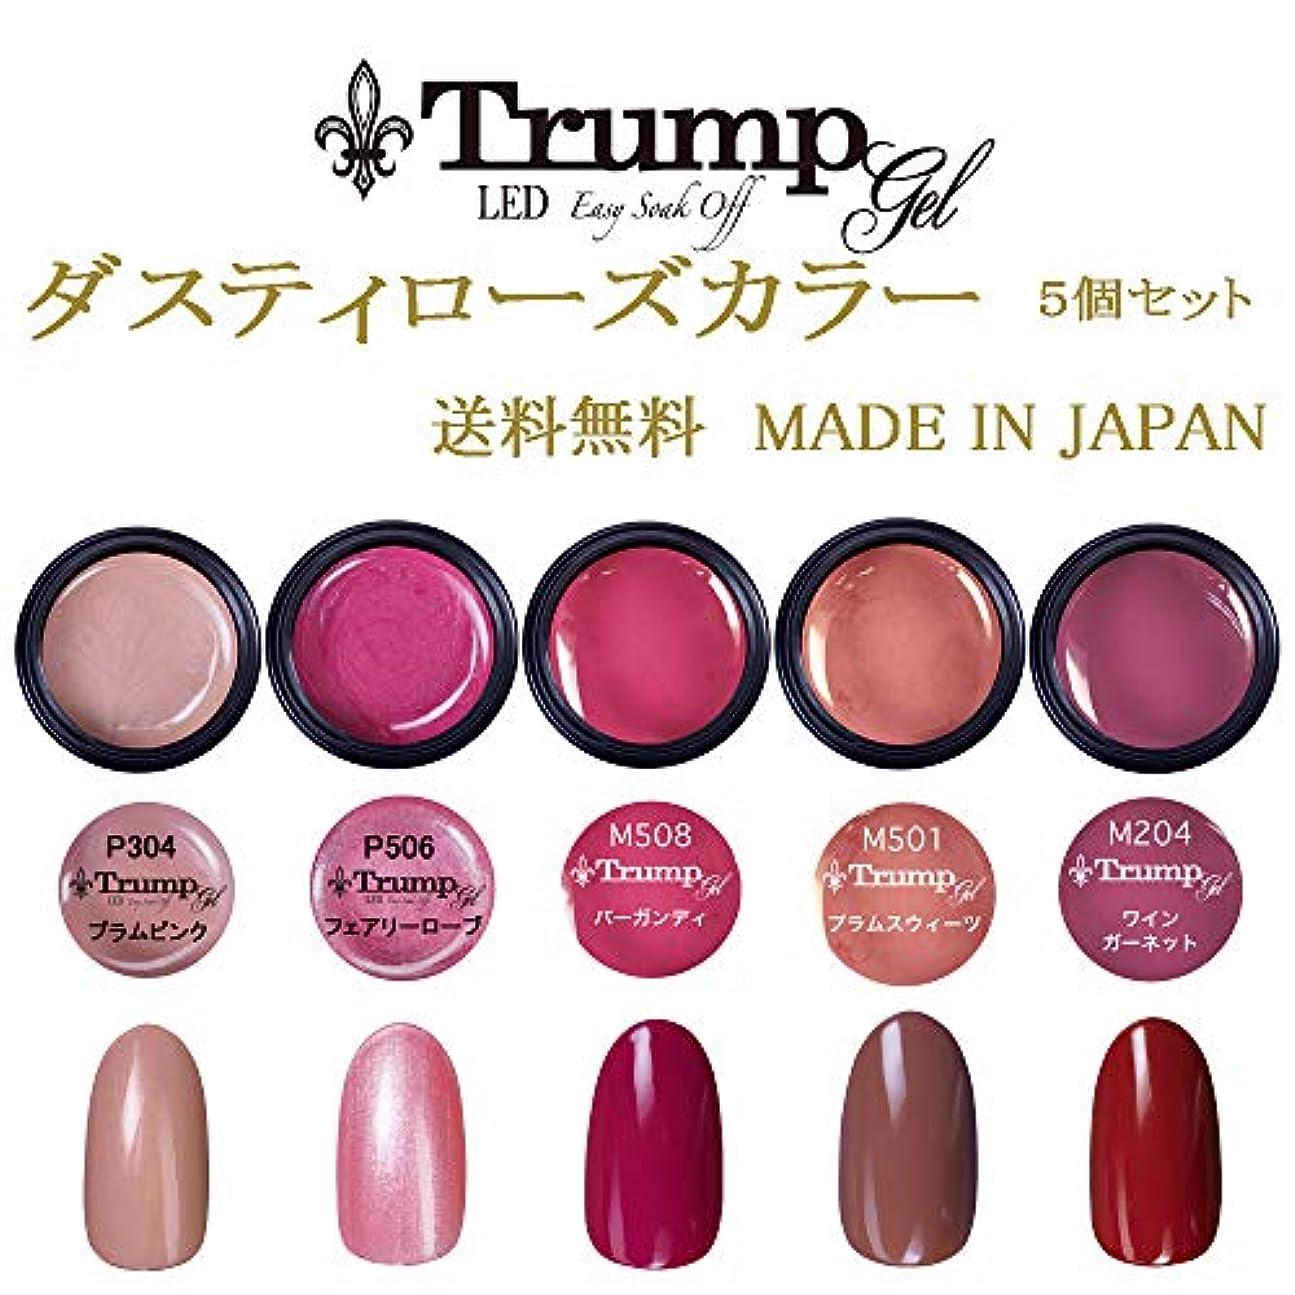 前に湿った見分ける【送料無料】日本製 Trump gel トランプジェル ダスティローズカラージェル 5個セット スタイリッシュでオシャレな 白べっ甲カラージェルセット